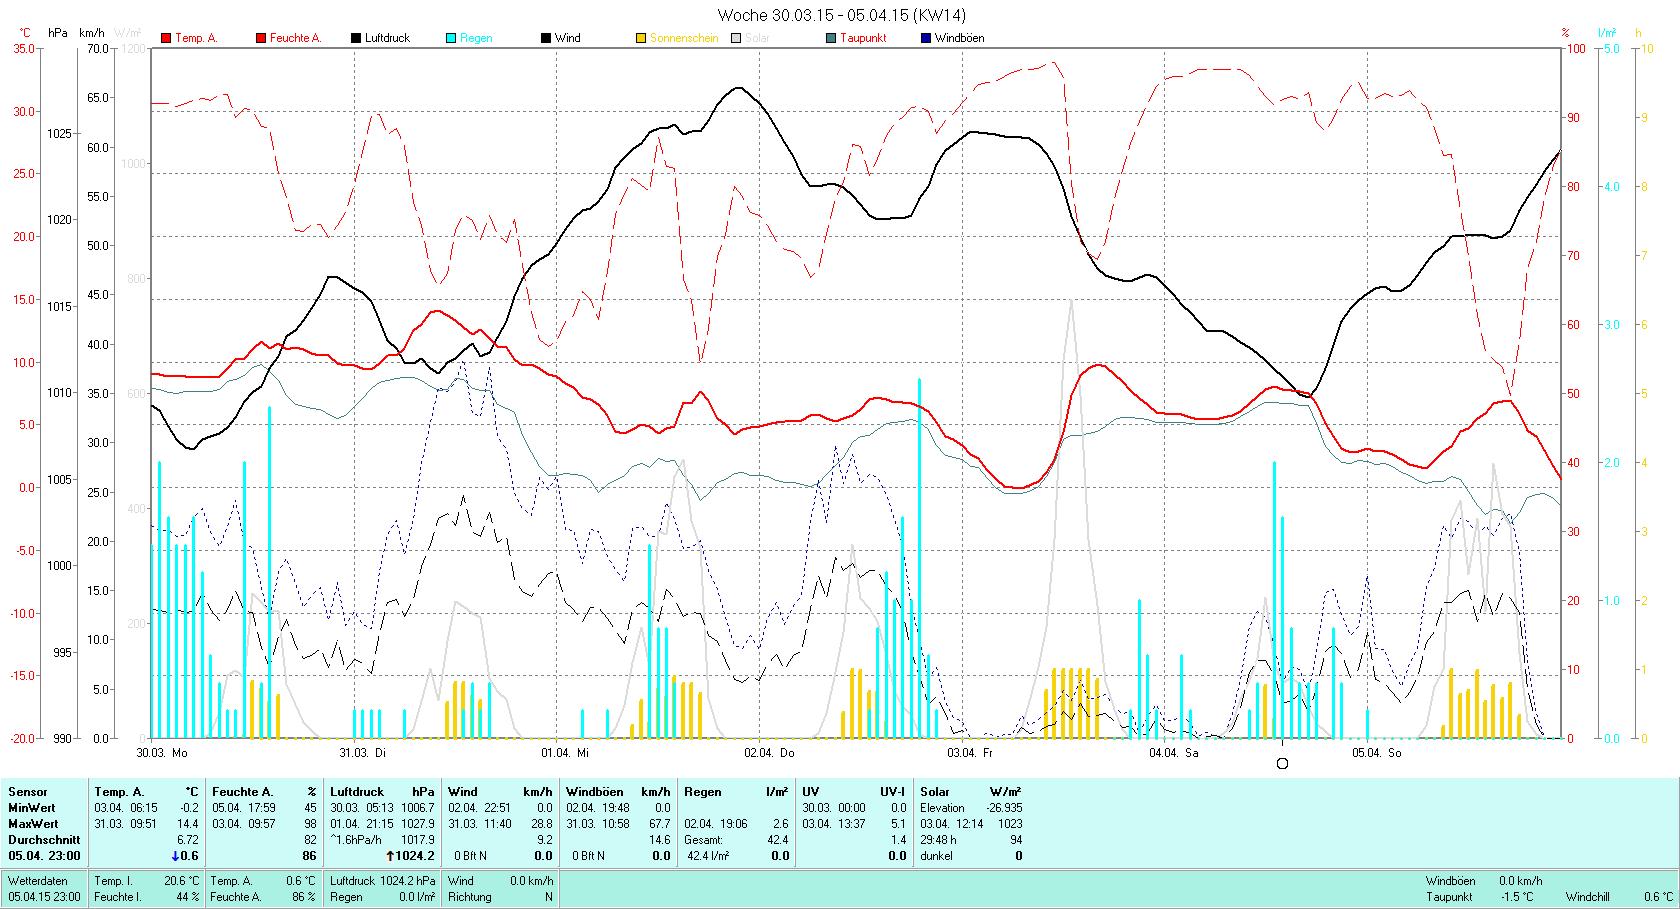 KW 14 Tmin -0.2°C, Tmax 14.4°C, Sonne 29:48h, Niederschlag 42.4mm/2